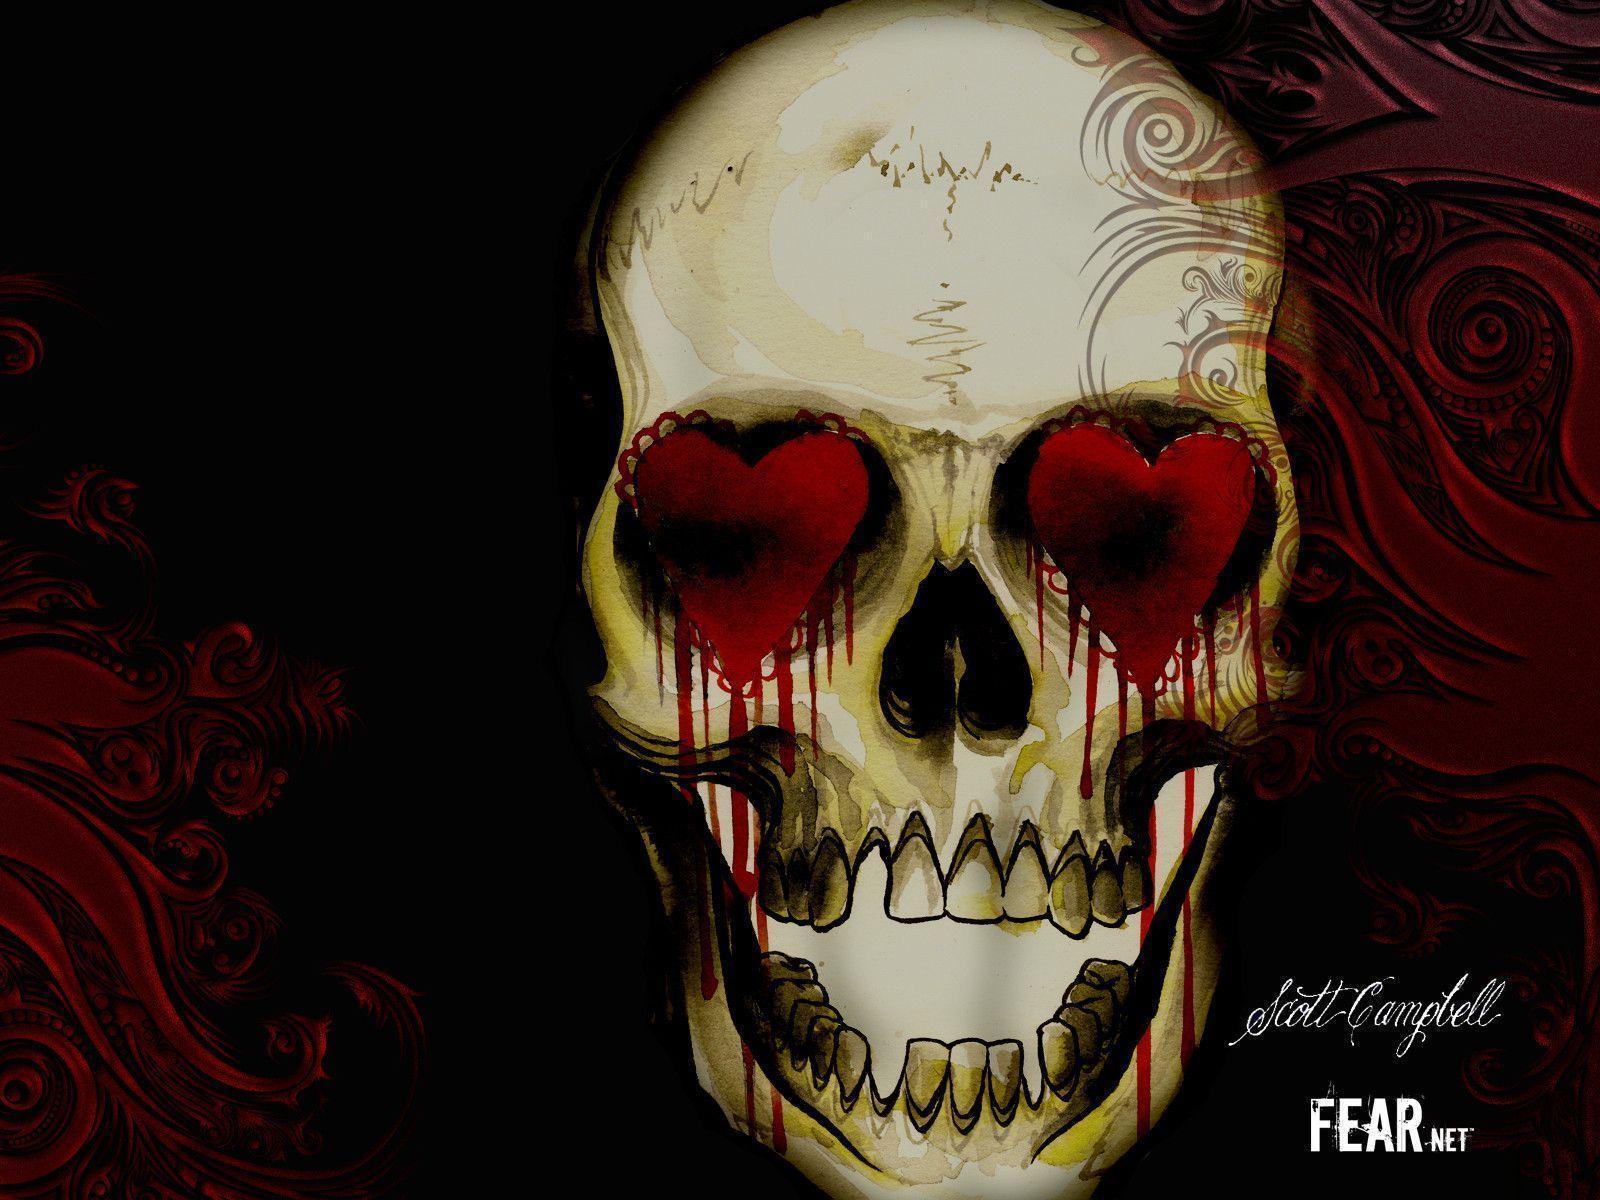 Horror Skull Wallpapers - Wallpaper Cave  Horror Skull Wa...